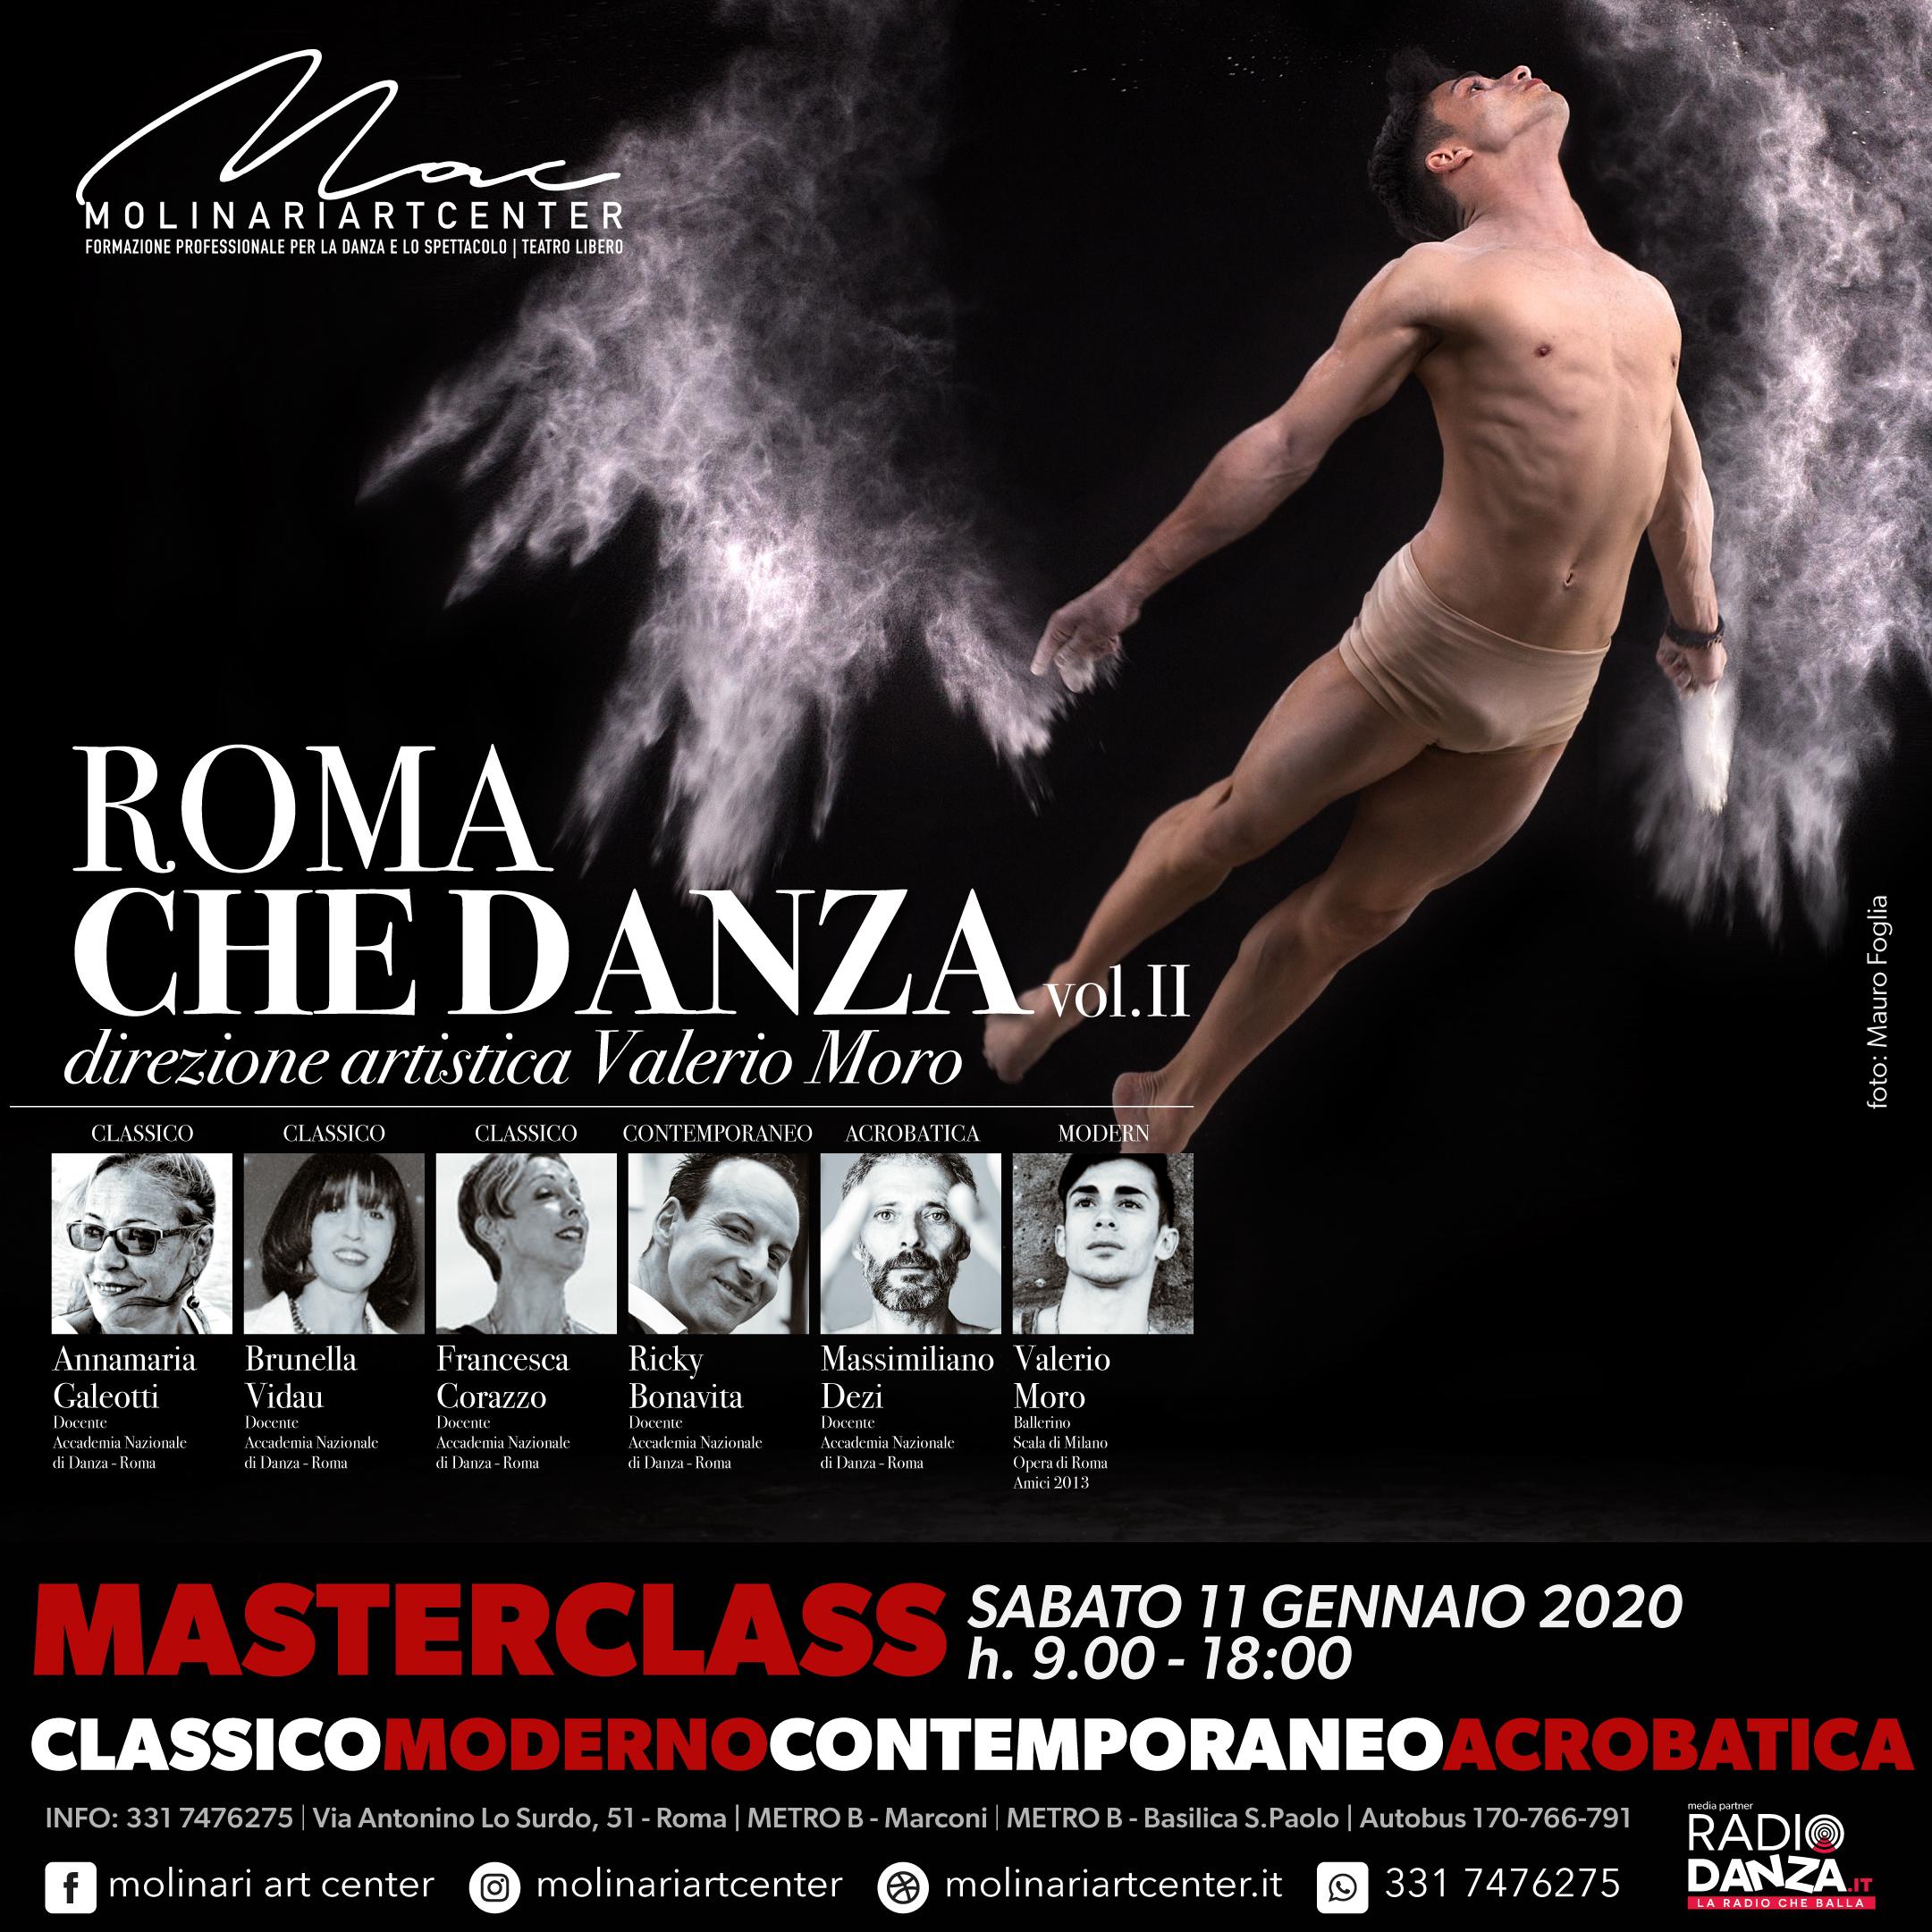 ROMA CHE DANZA – vol. II